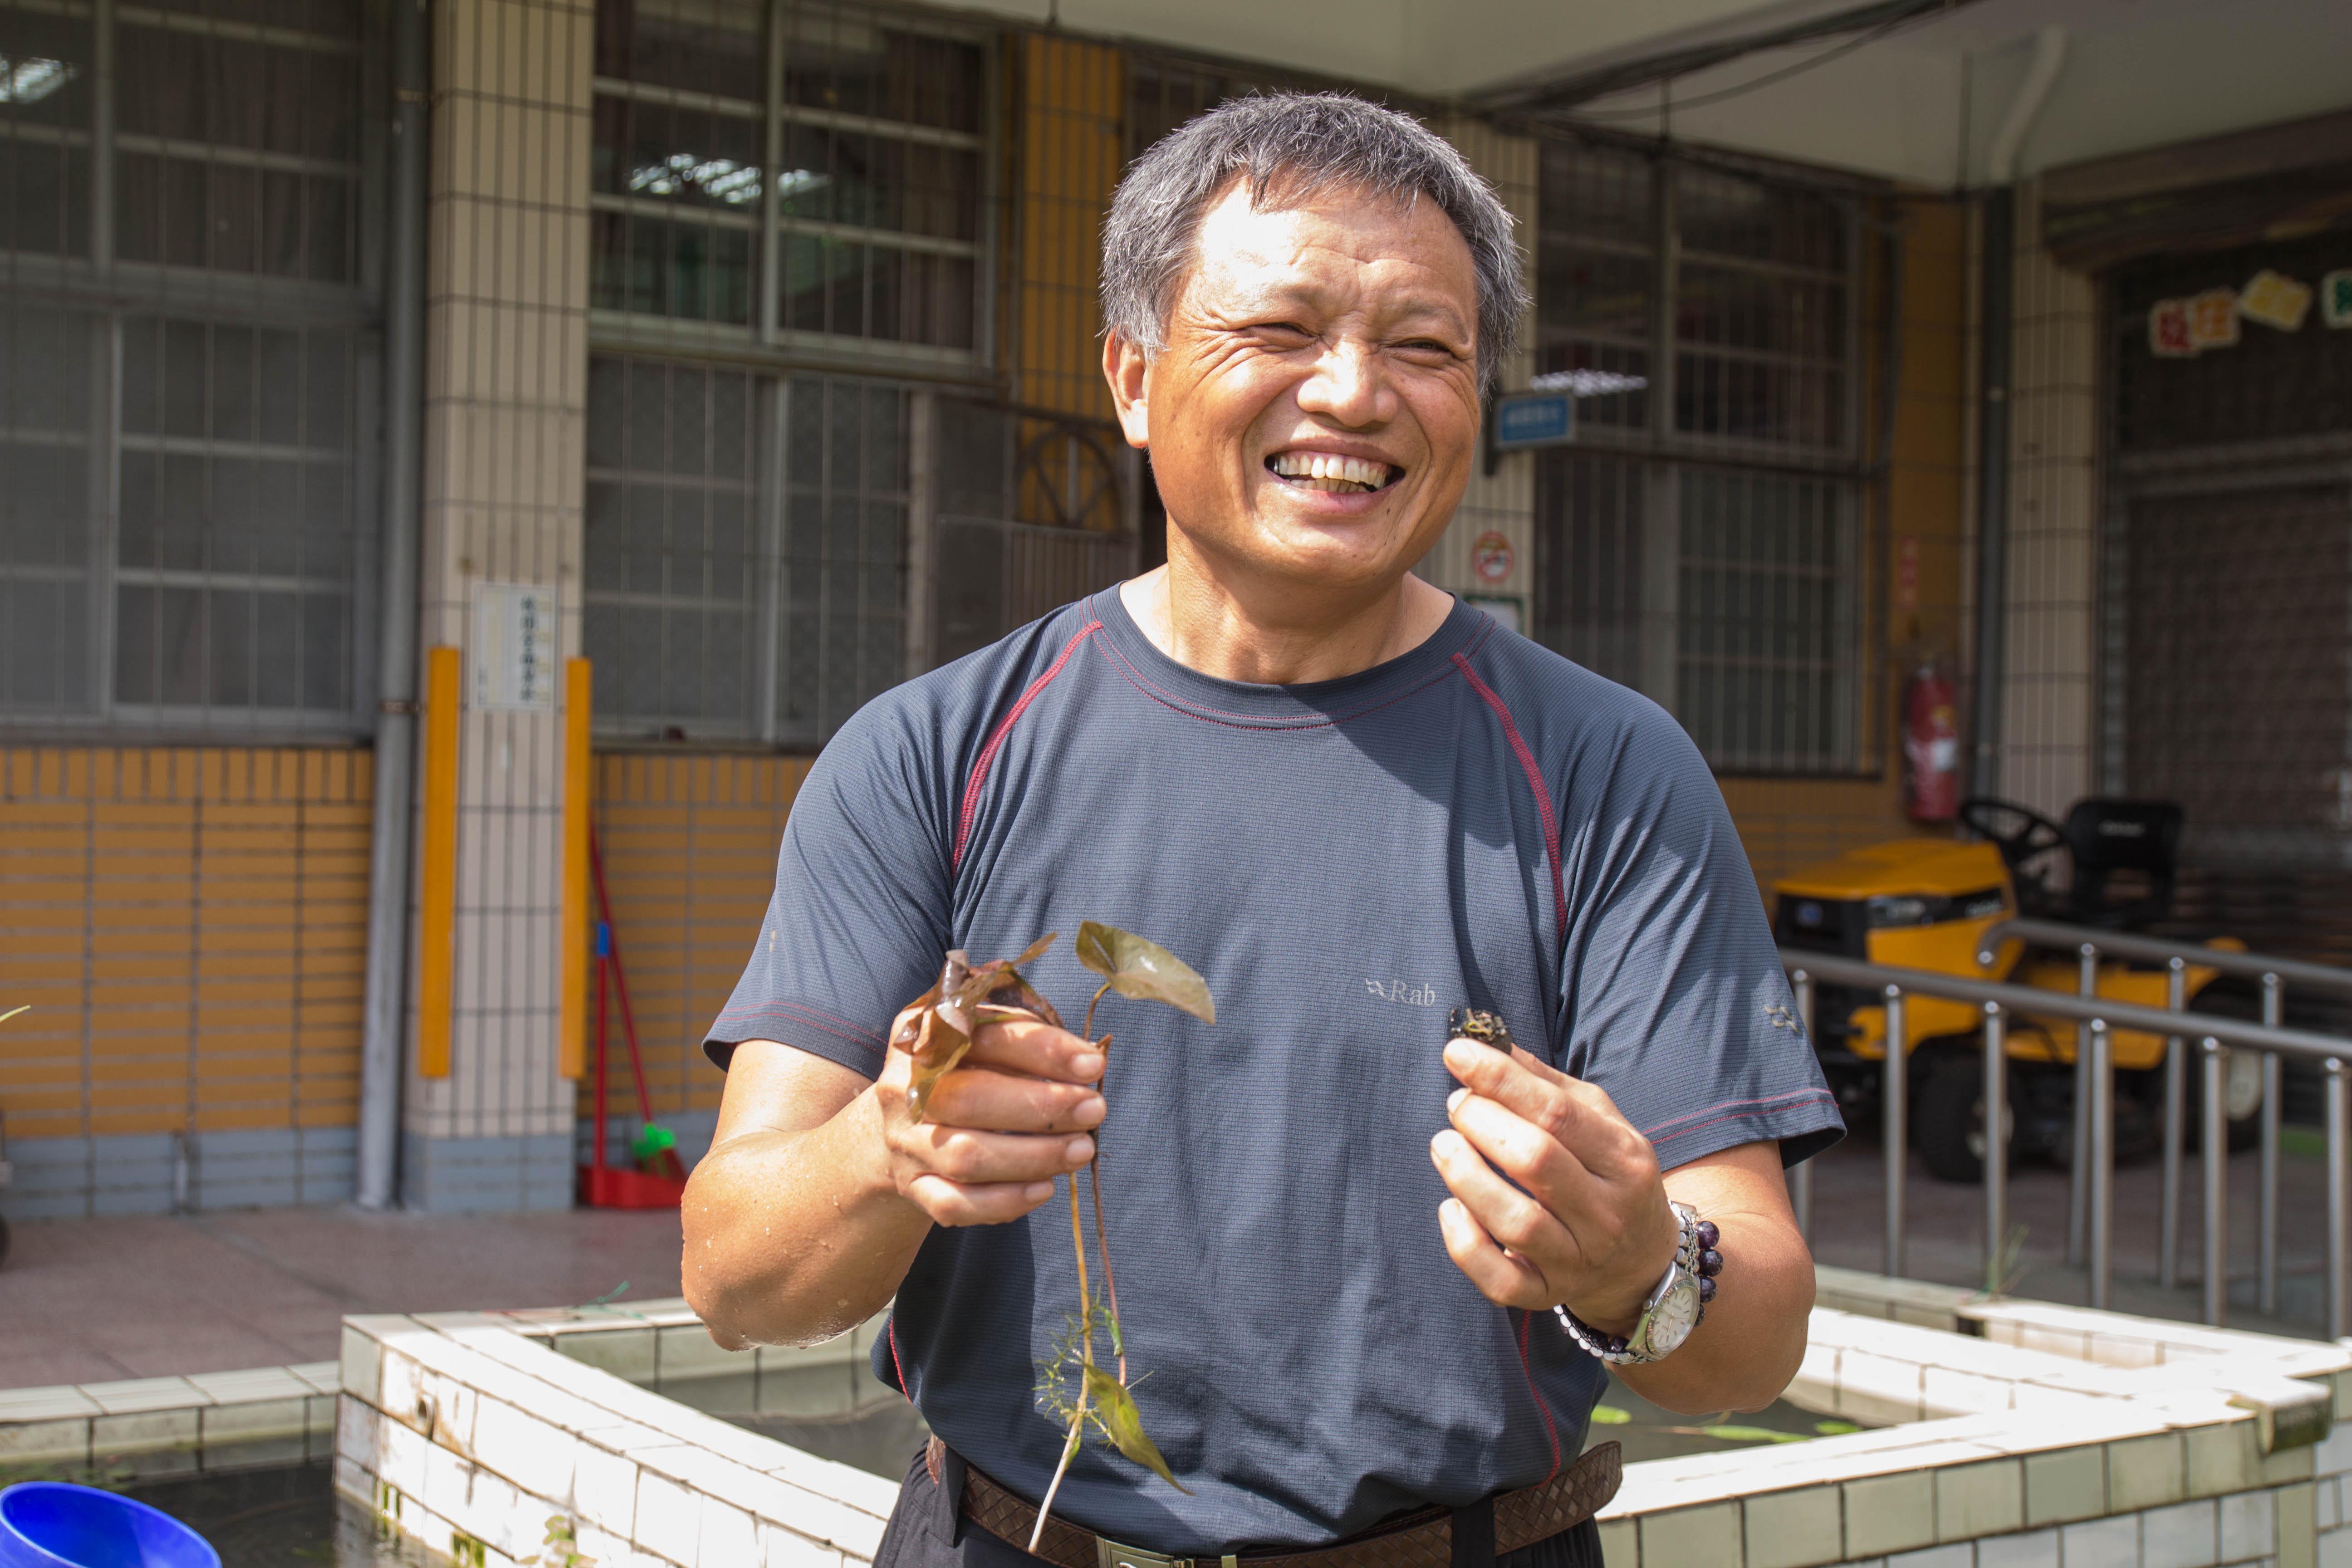 上林國小校長乃瑞春,將對大自然的熱愛延續到教學方針。 攝影 高子涵